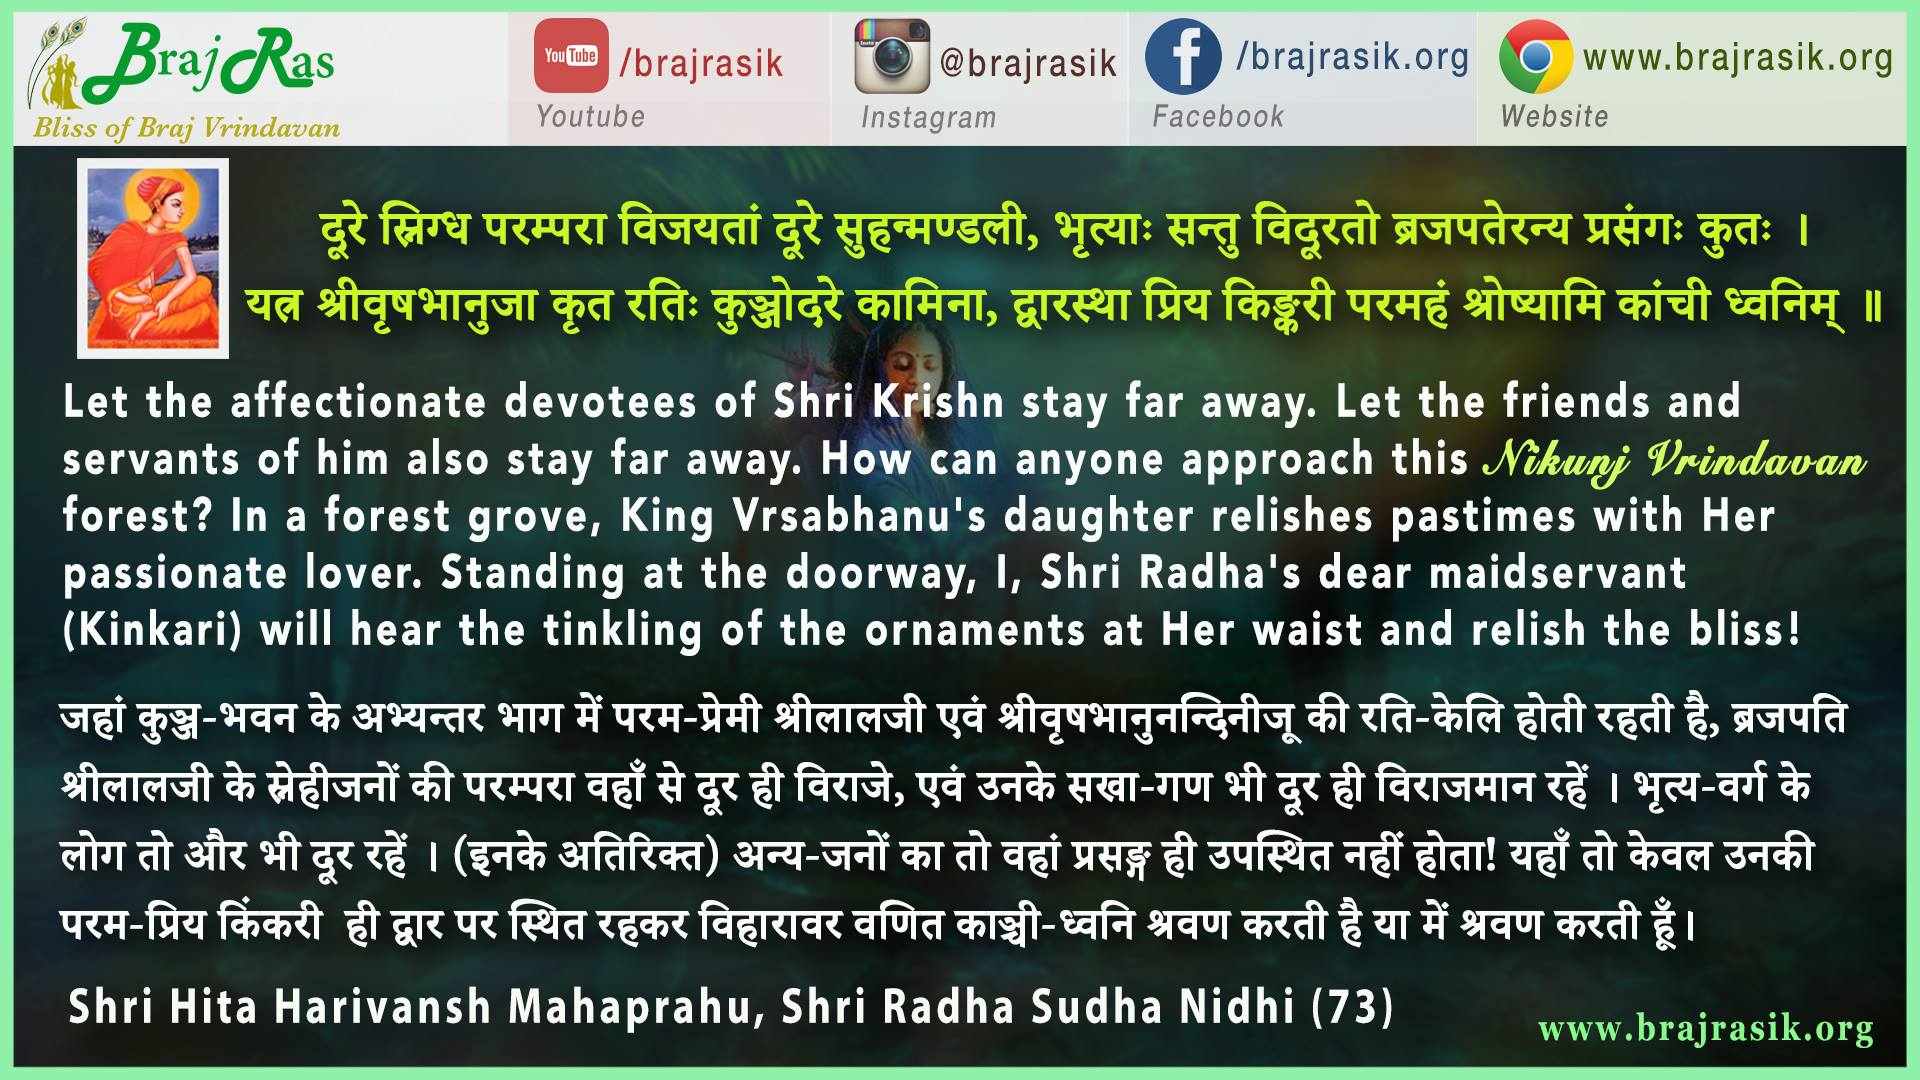 Dure Sanigdh Parampra Vijaytam Dure Suhunmandali - Murali Avtar Shri Hita Harivansh Mahaprahu, Shri Radha Sudha Nidhi